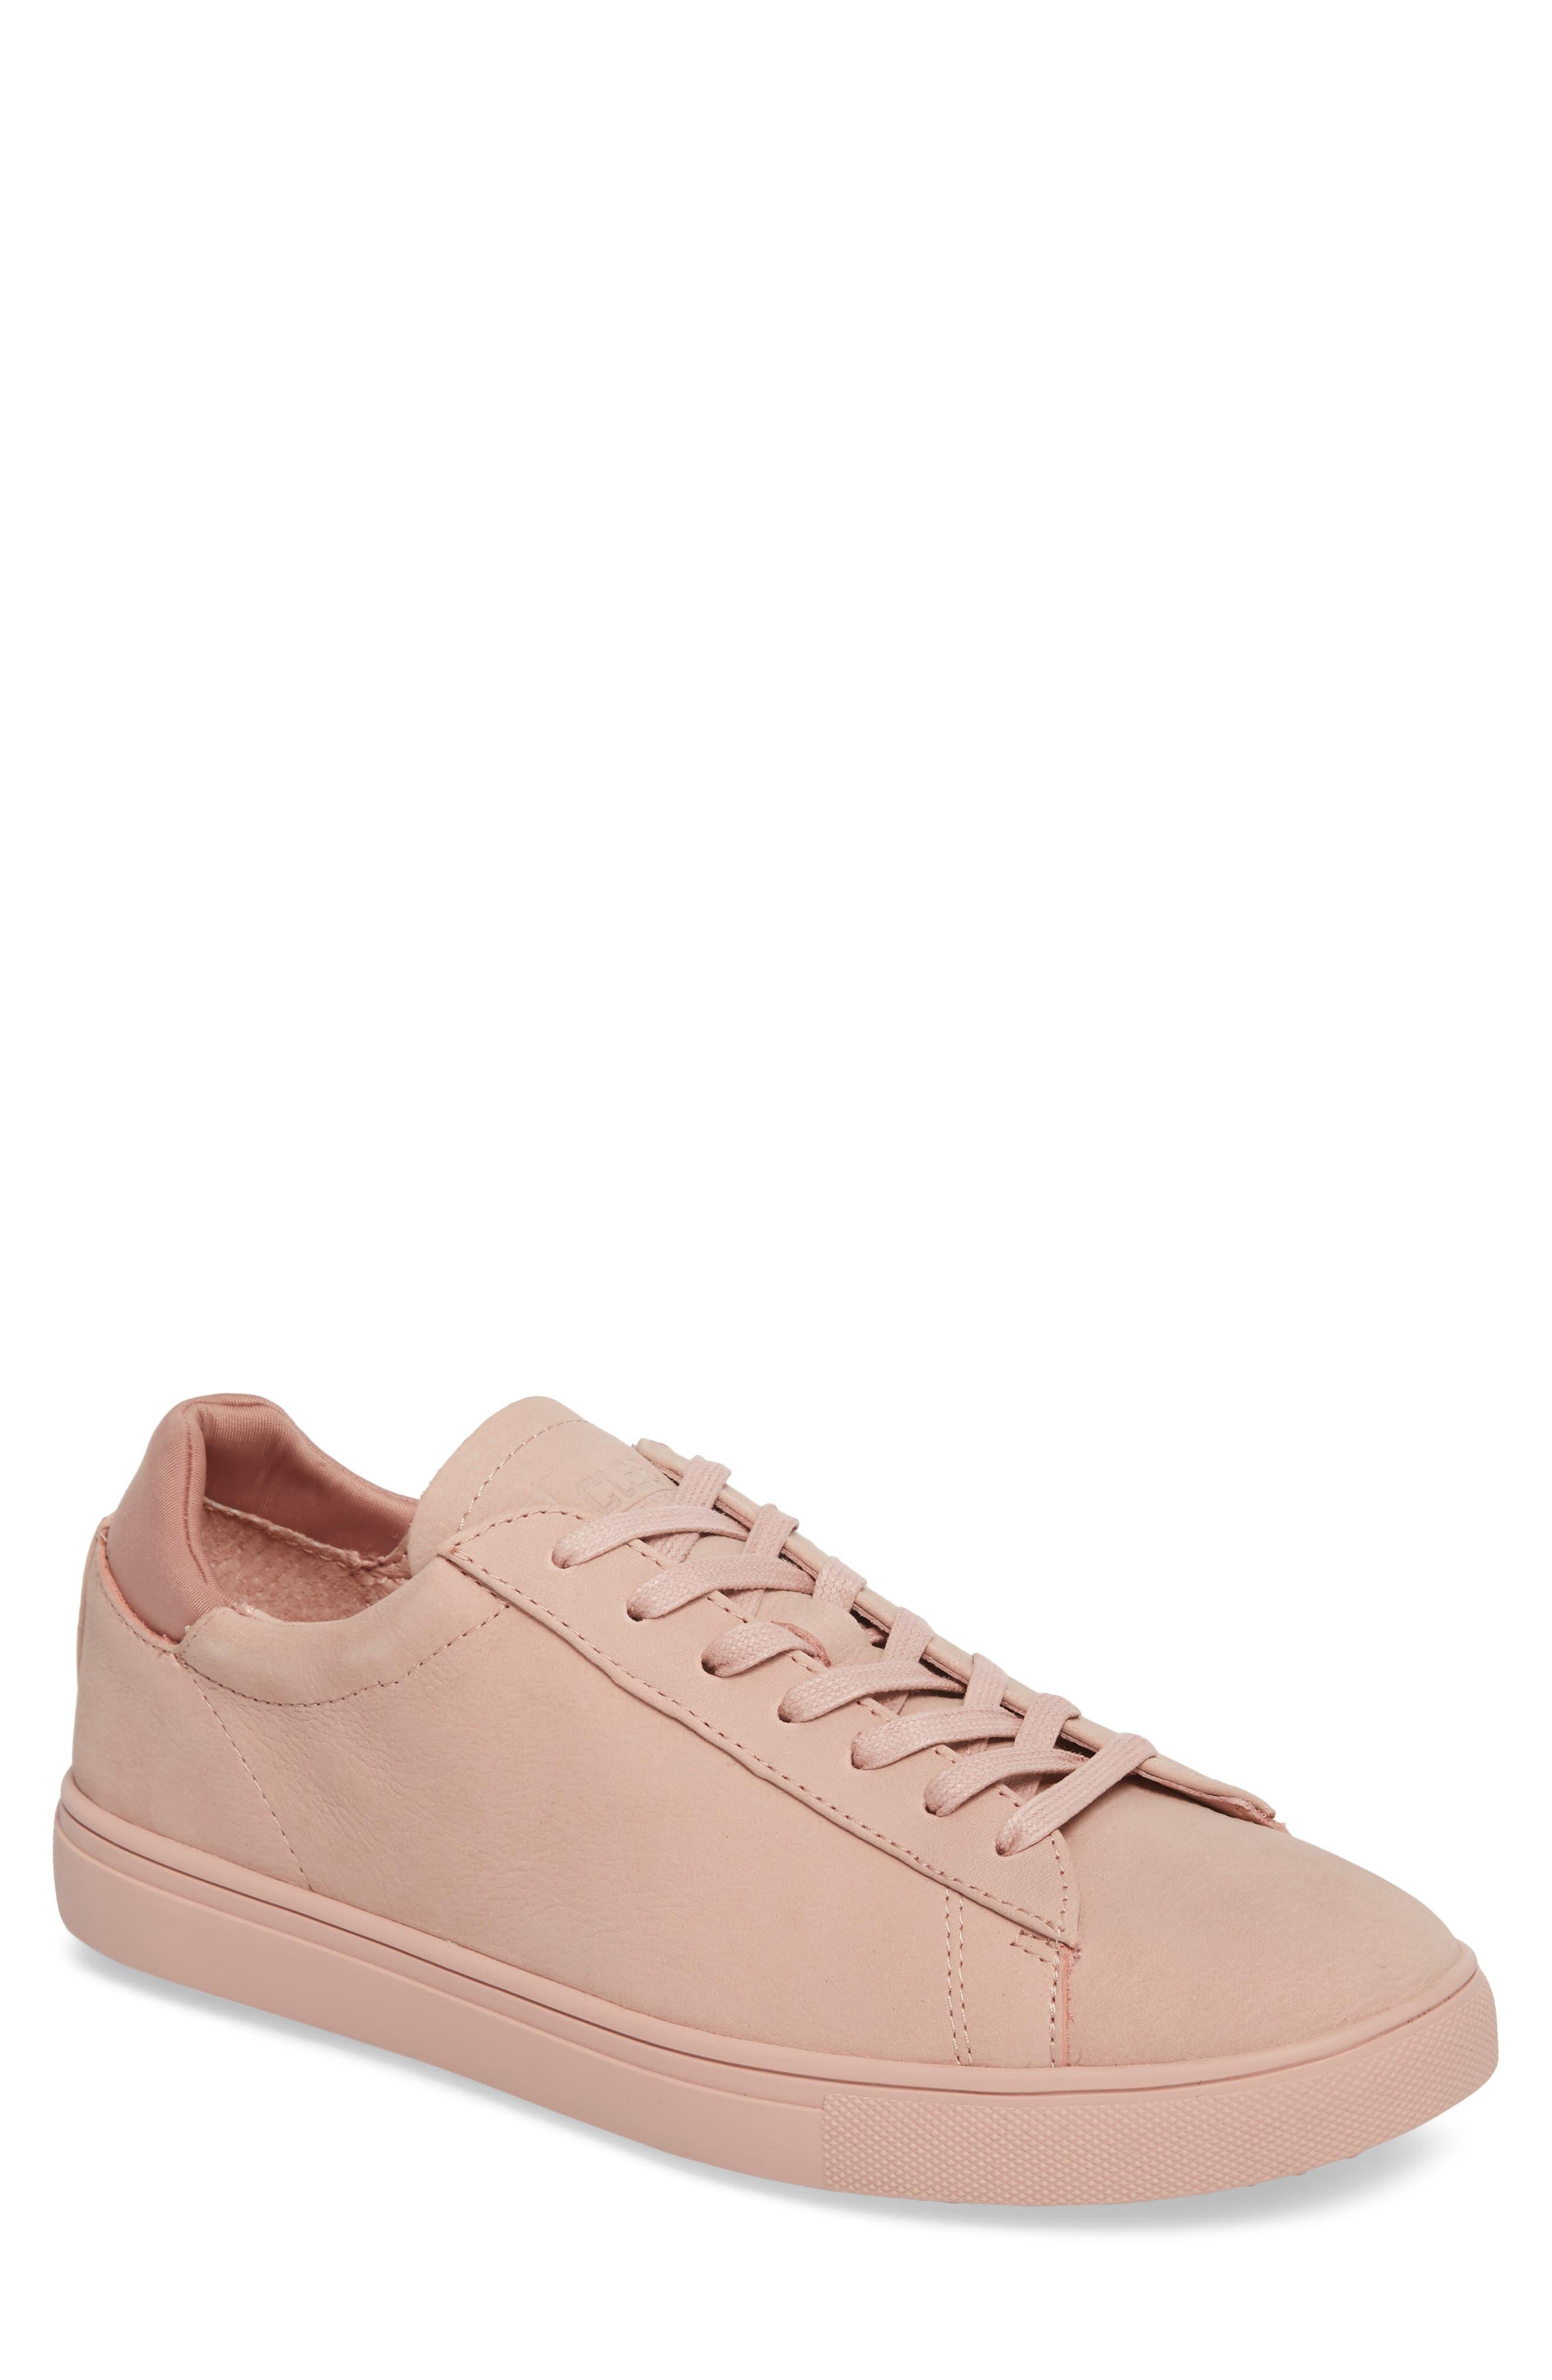 'Bradley' Sneaker,                             Main thumbnail 1, color,                             ROSE NUBUCK